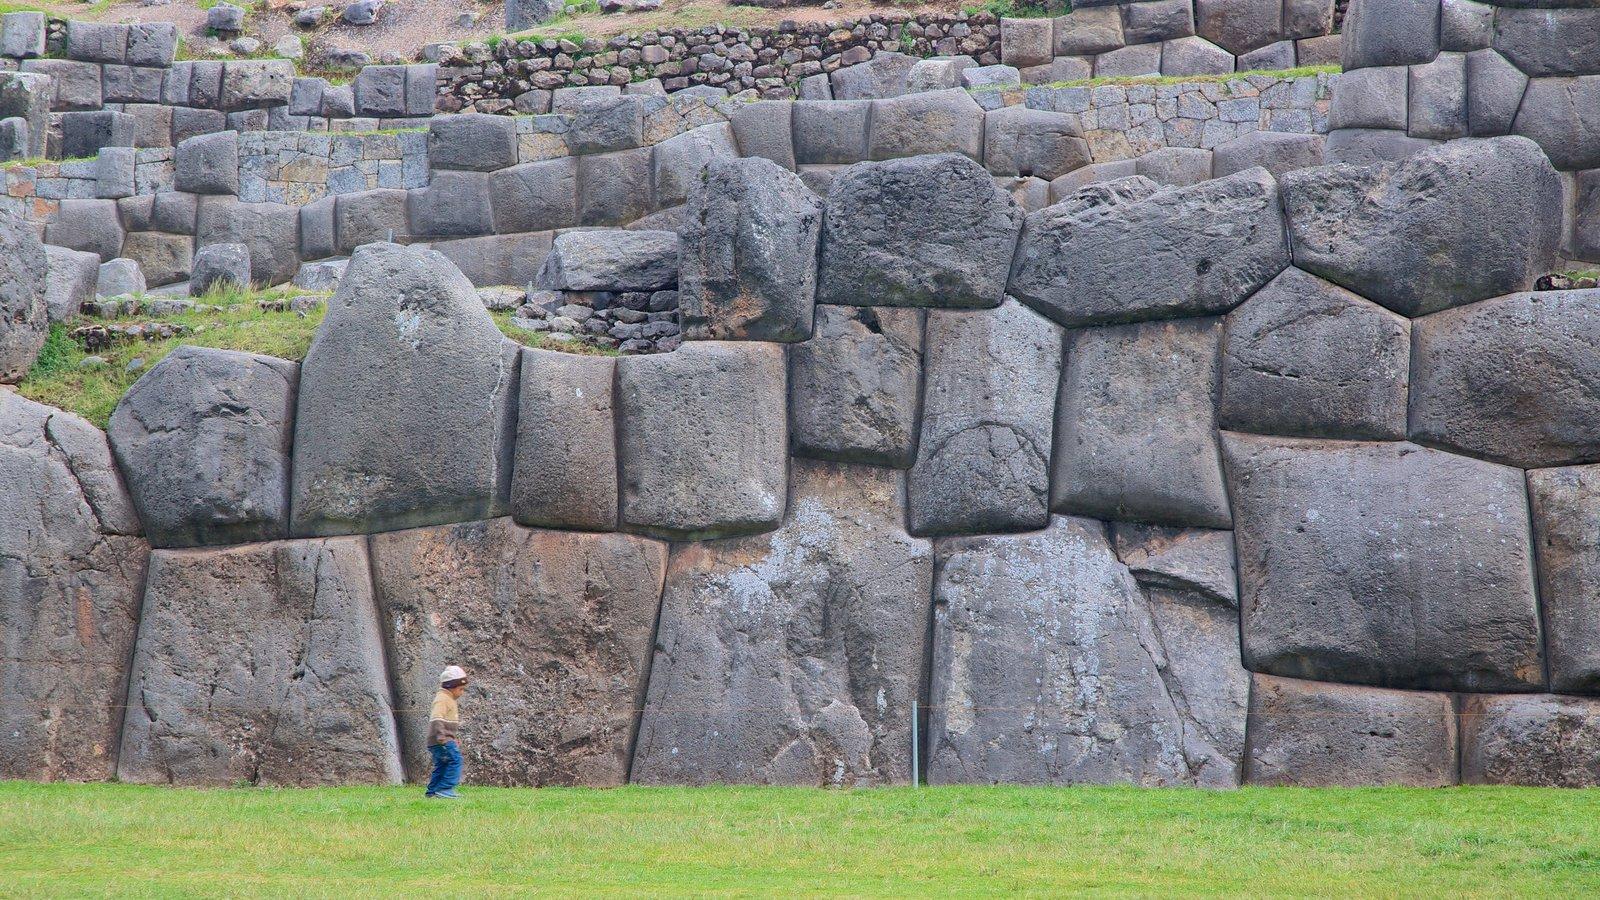 Sacsayhuaman mostrando elementos de patrimônio e uma ruína assim como uma criança sozinha